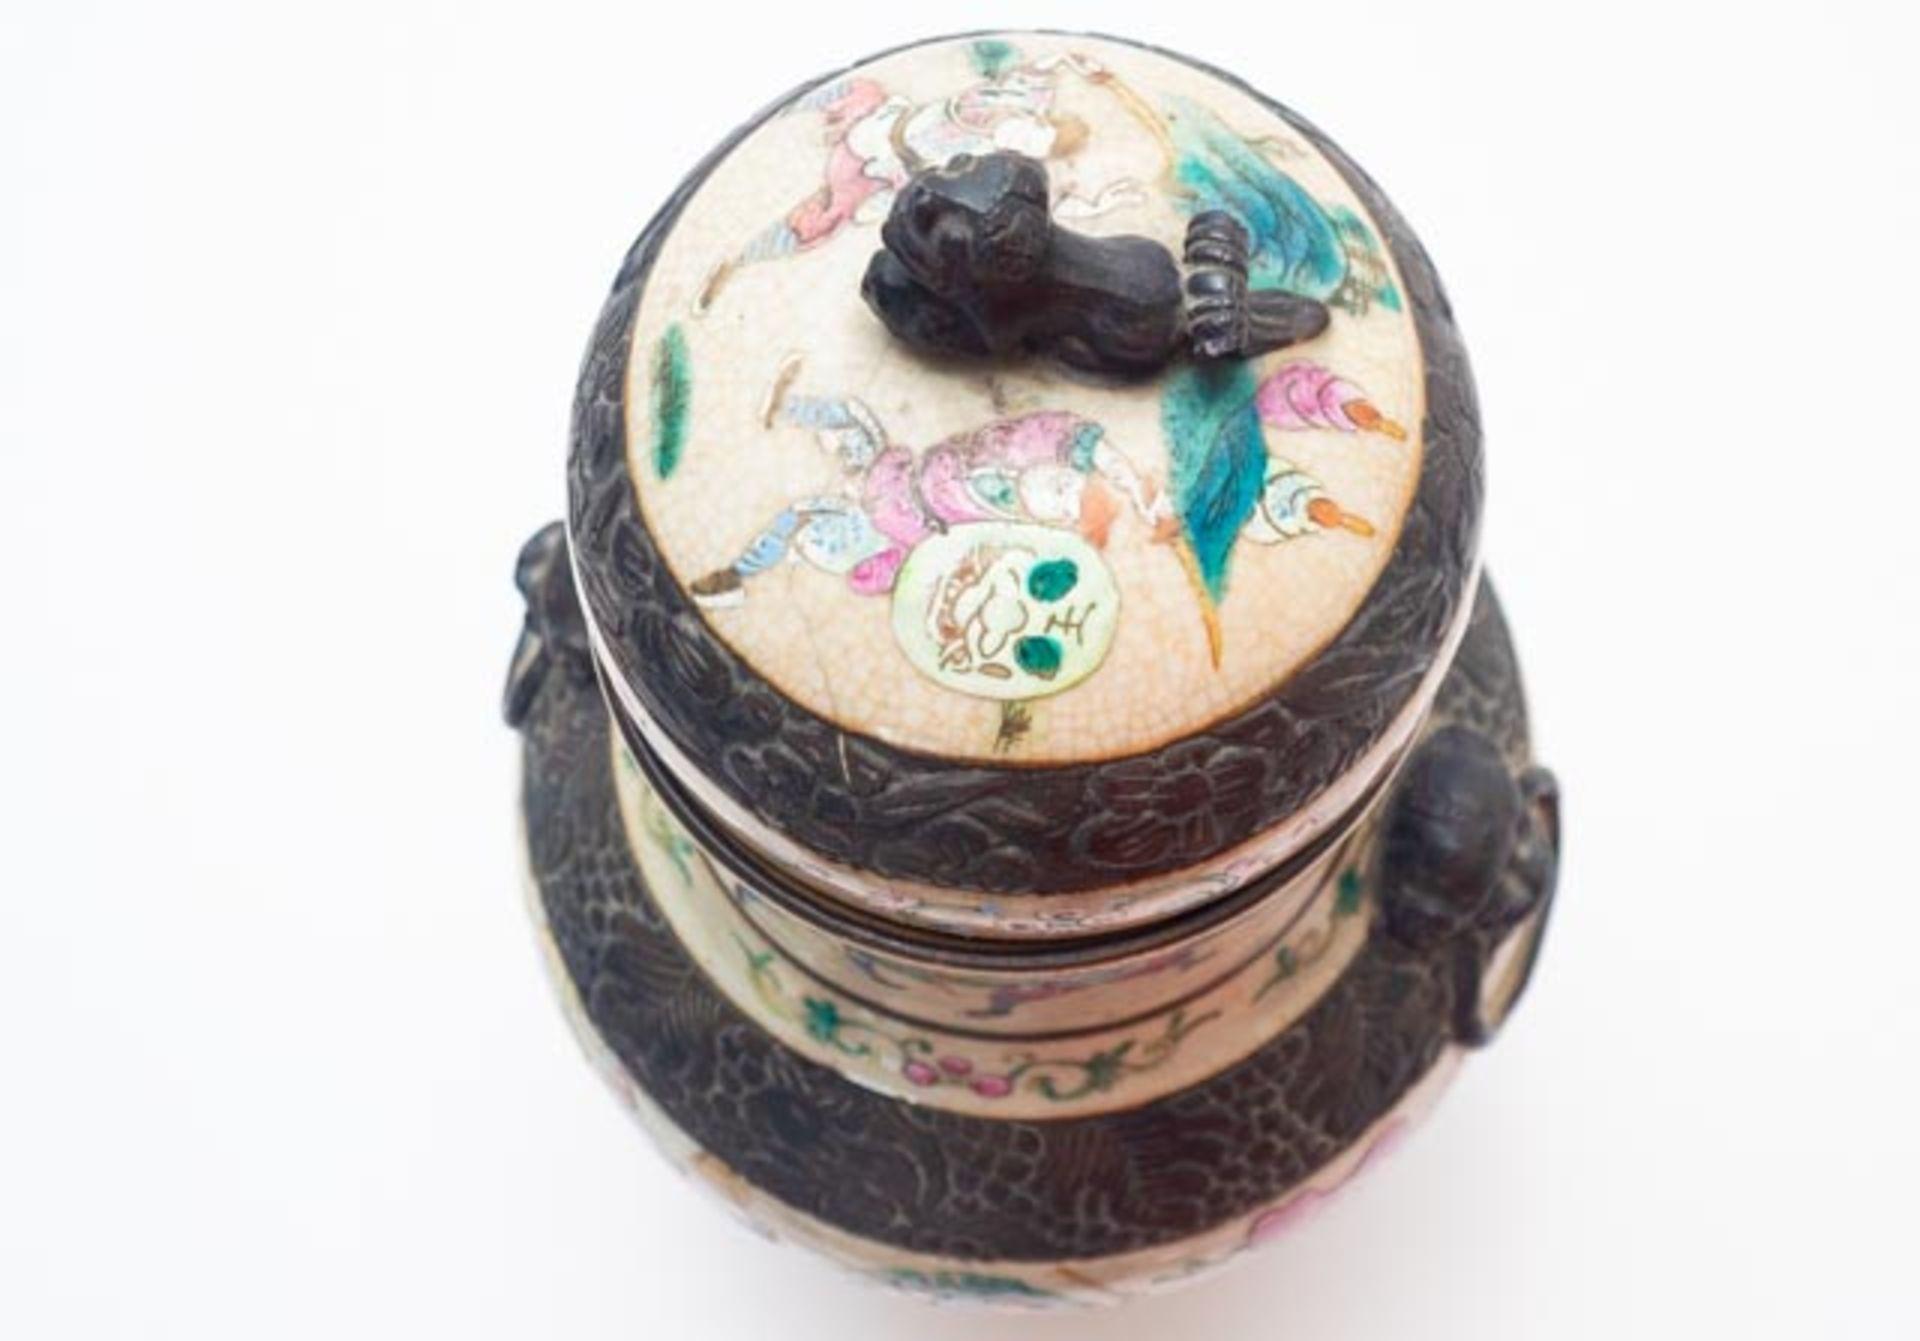 Chinesische Deckelamphore mit Schlachten - Image 6 of 13